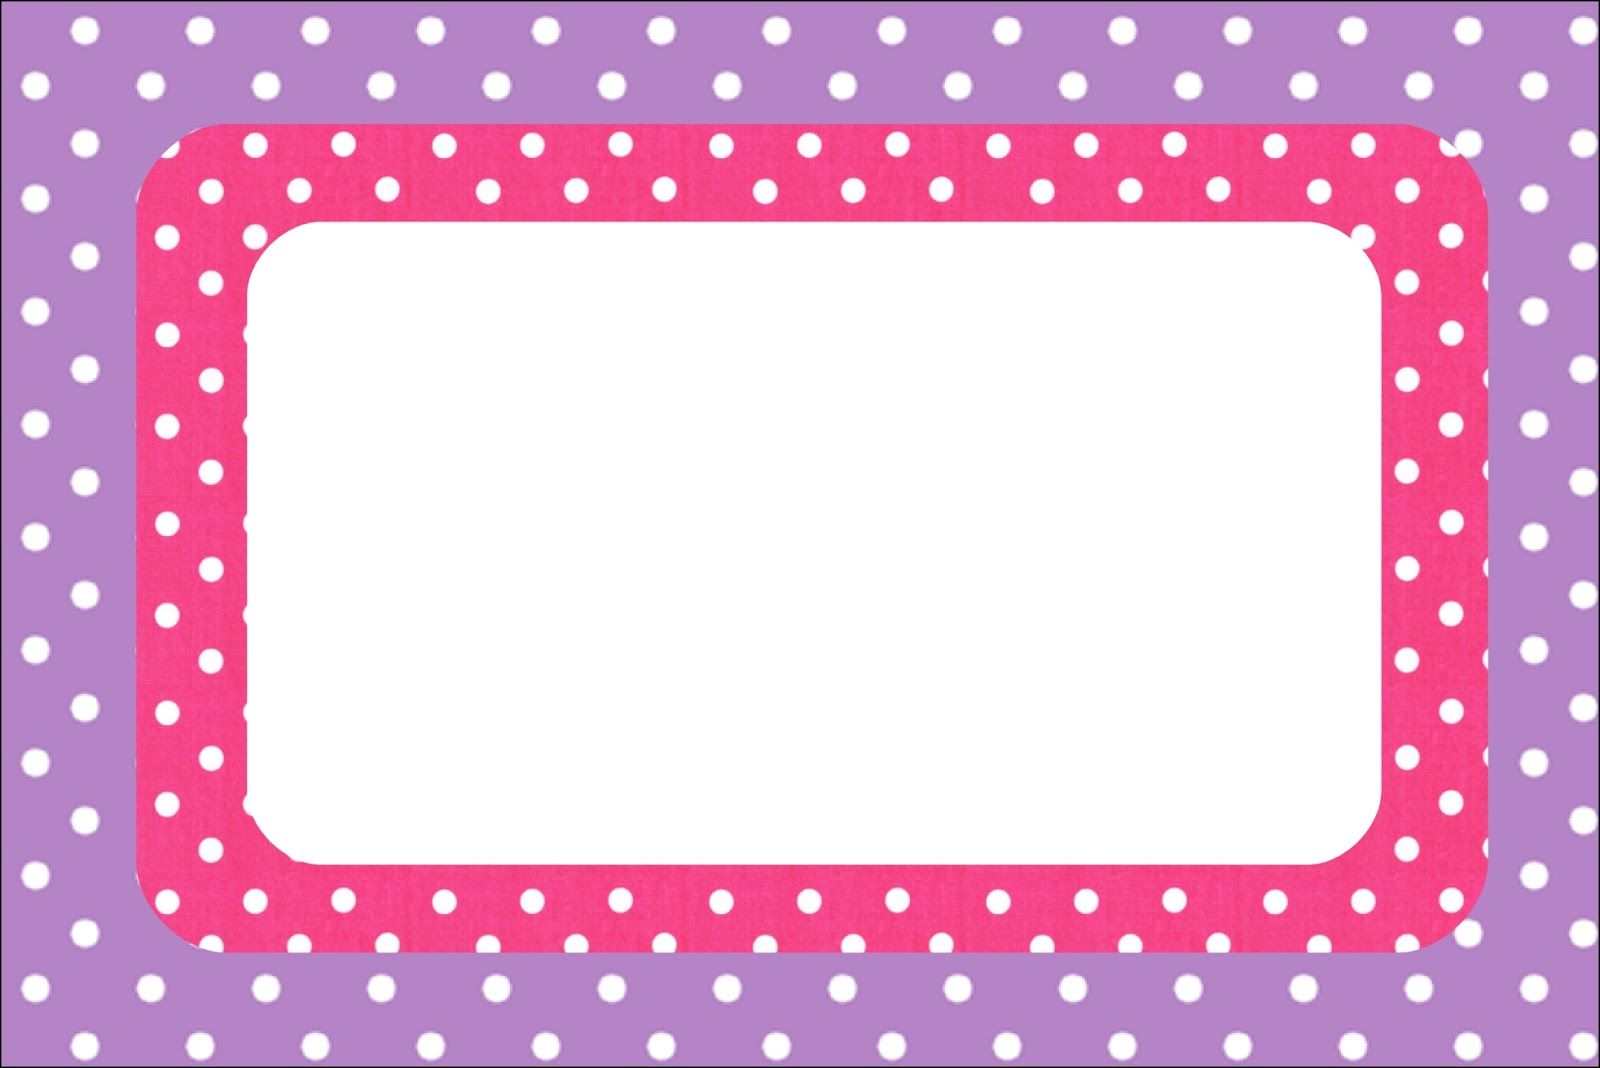 Imprimibles De Lunares Blancos En Fondo Rosa Y Lila